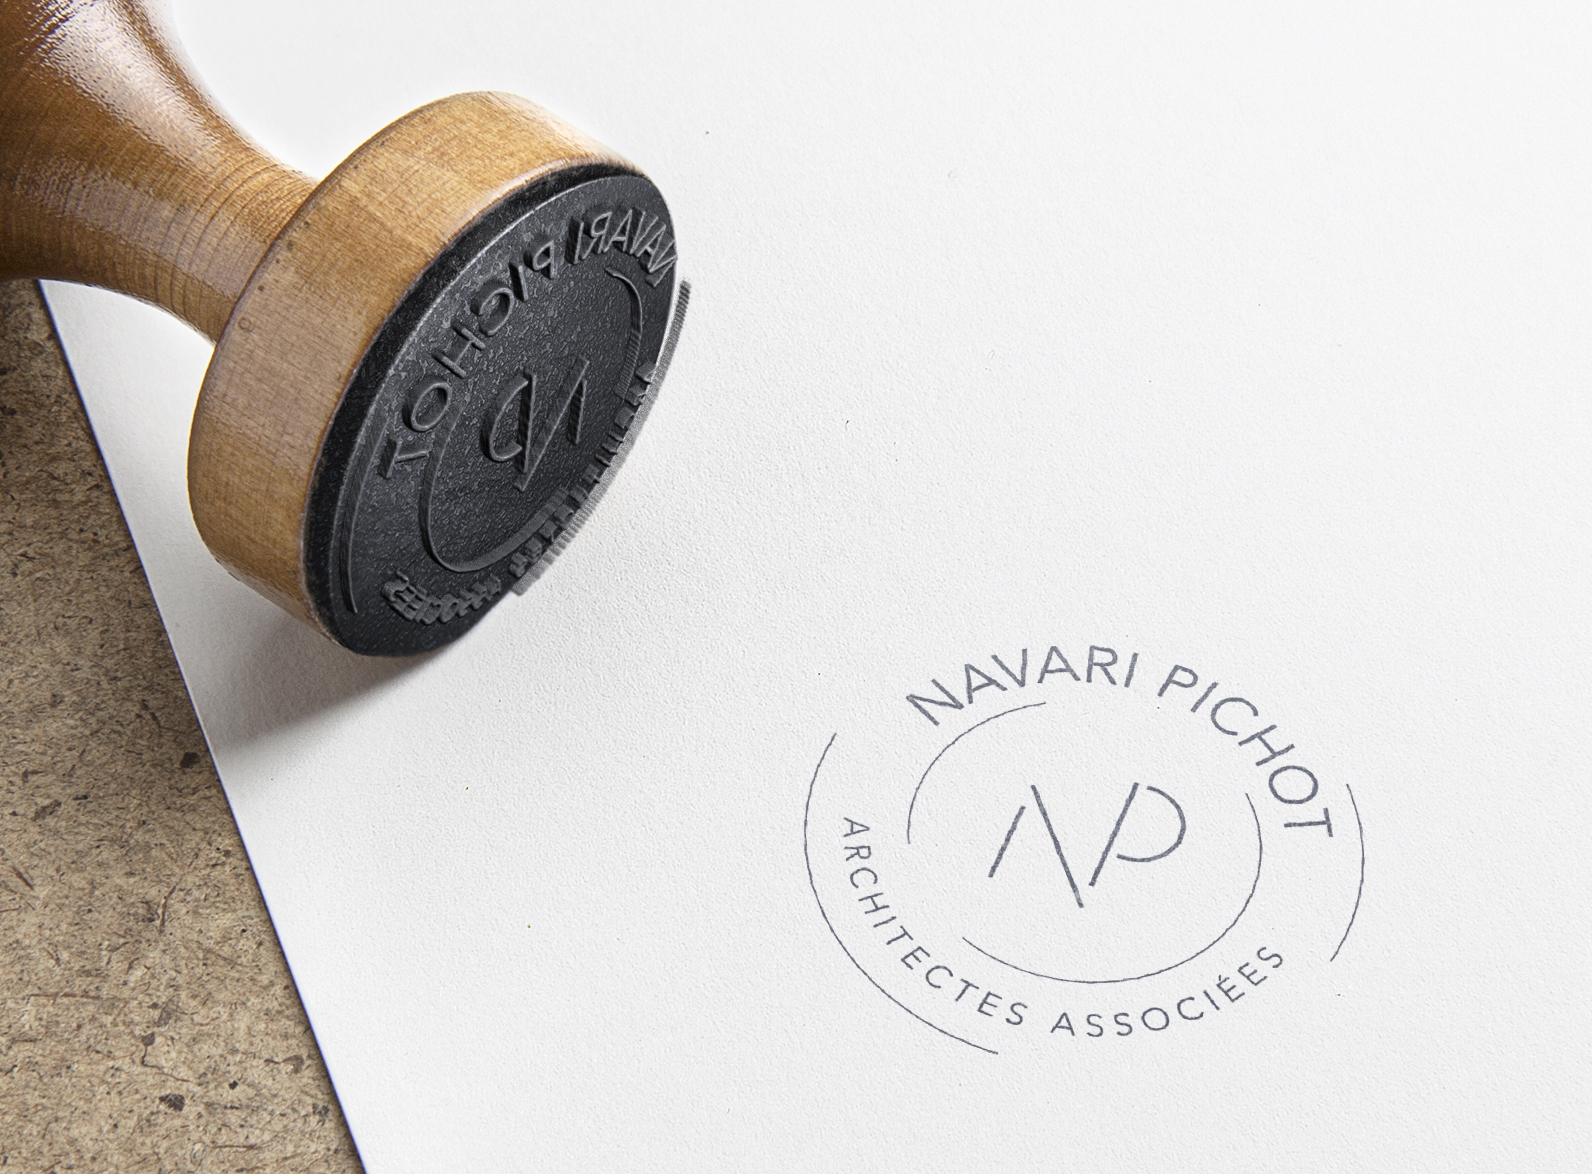 Logo Navari Pichot architectes Bastia